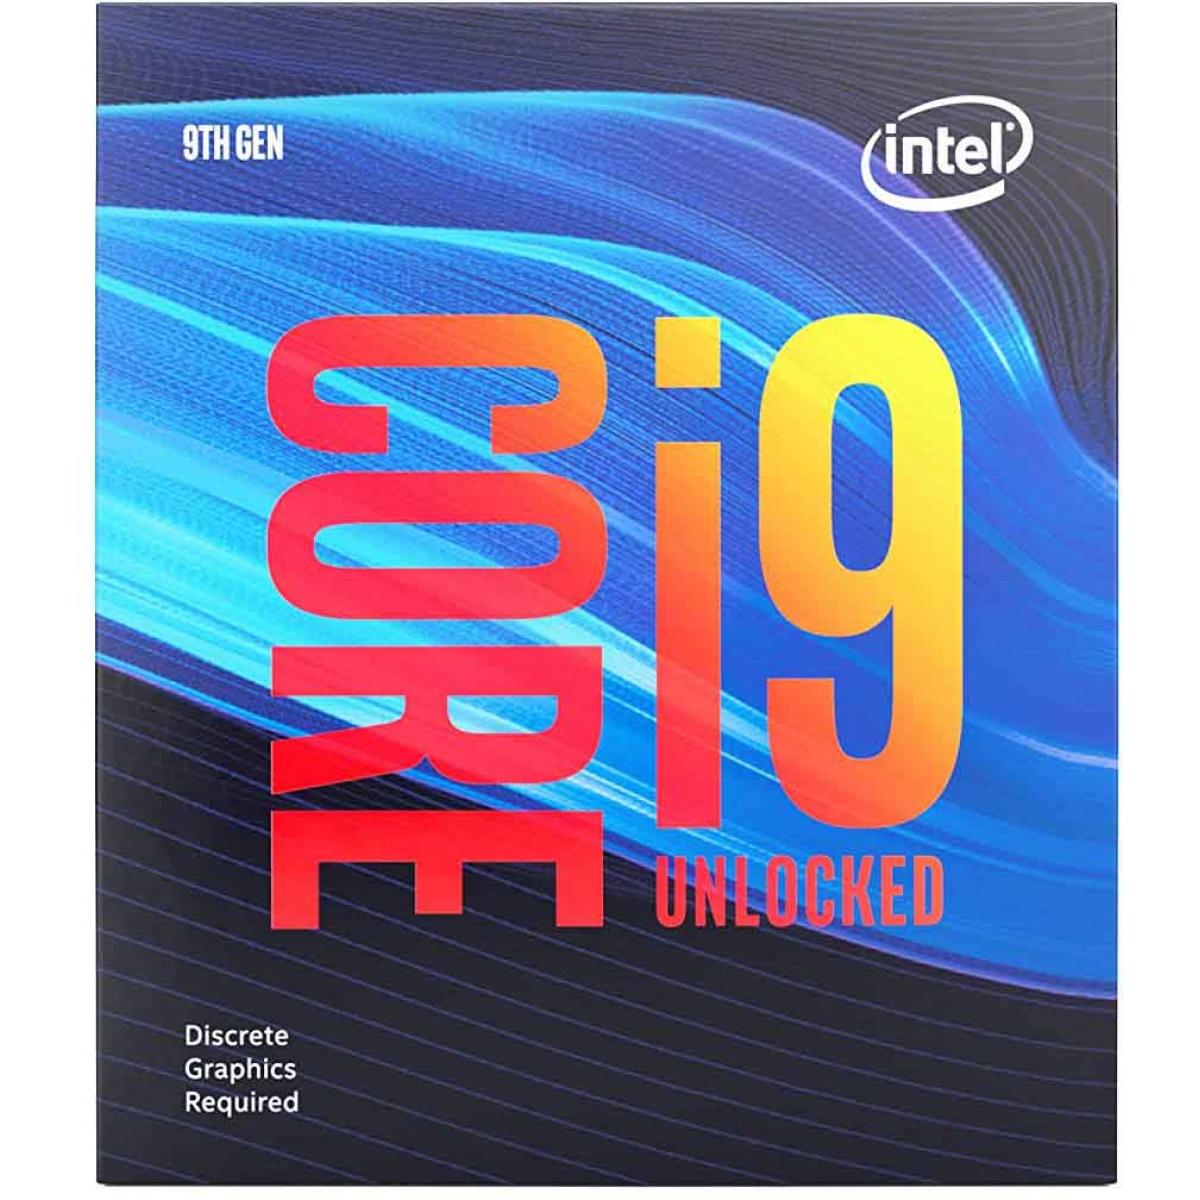 Processador Intel Core i9 9900KF 3.60GHz (5.0GHz Turbo), 9ª Geração, 8-Core 16-Thread, LGA 1151, BX80684I99900KF